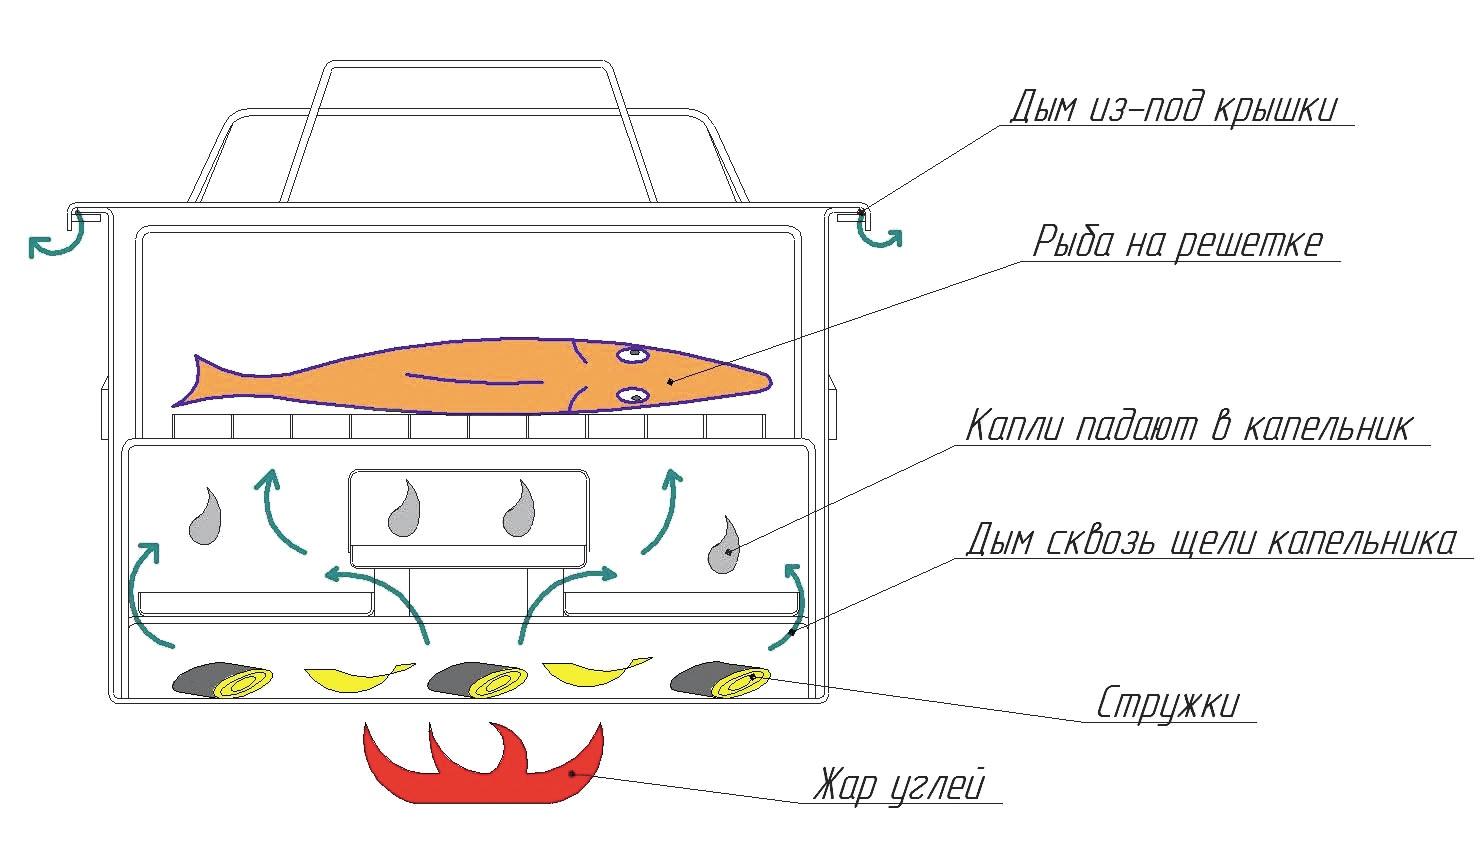 Коптильня холодного копчения своими руками: проекты, чертежи, инструкция и особенности постройки качественной коптильни (105 фото + видео)